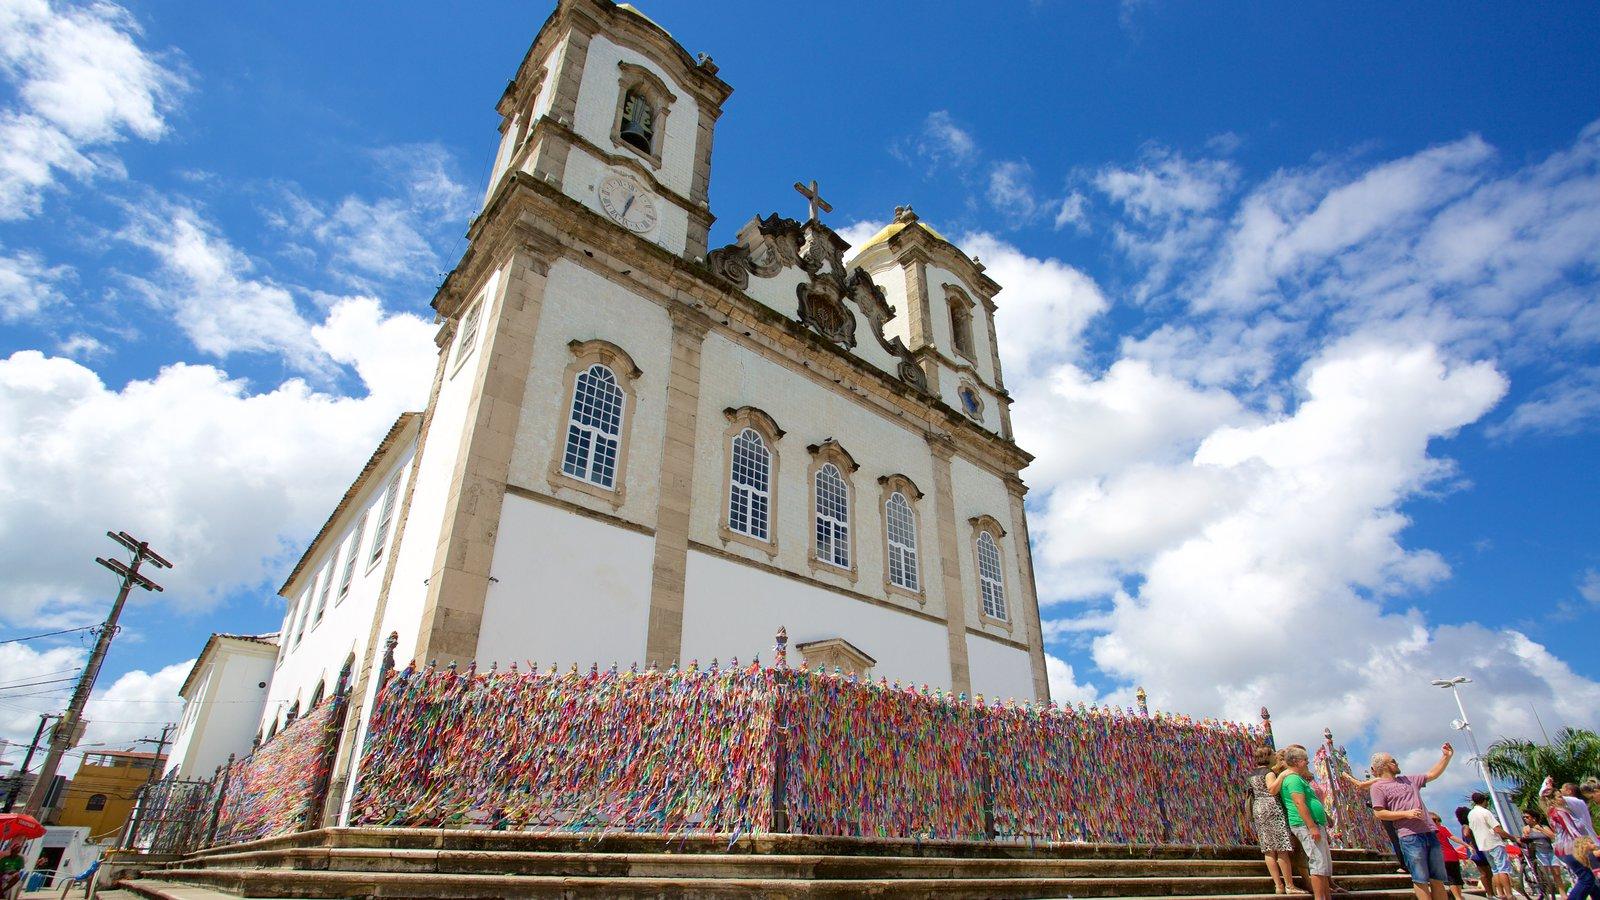 Igreja do Nosso Senhor do Bonfim caracterizando aspectos religiosos e uma igreja ou catedral